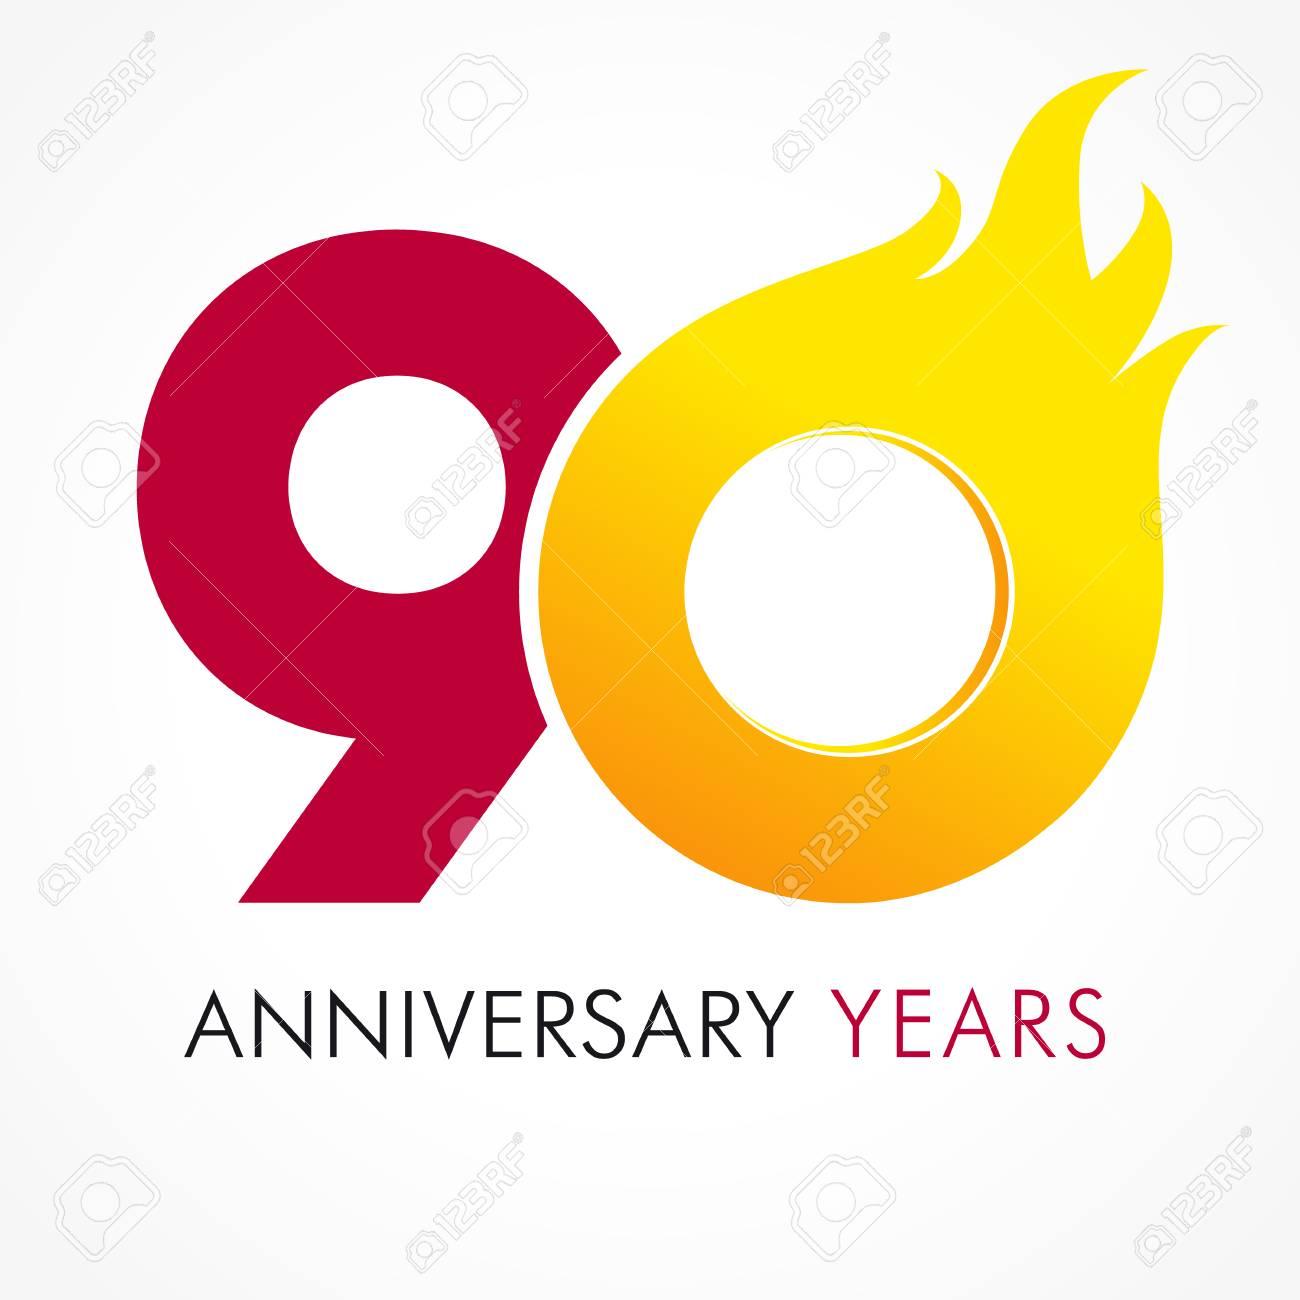 Auguri Di Buon Compleanno 90 Anni.90 Anni Celebra Il Logo Infuocato Anniversario Fiammato L Anno 90 Modello Di Vettore 0 Numeri Flamy Auguri Di Buon Compleanno Fiammeggiante